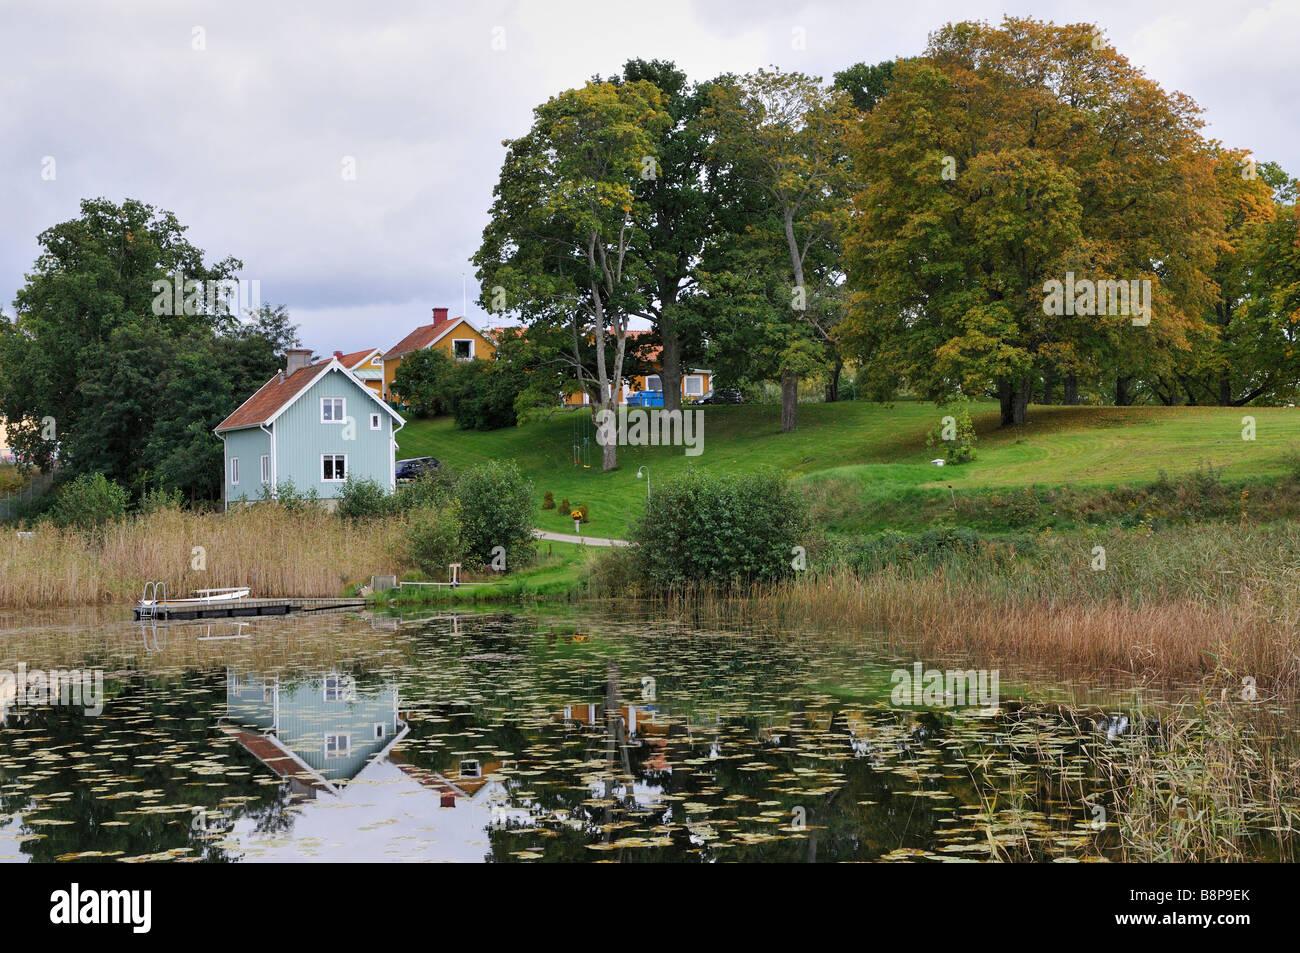 Holzhäuser am See in Flen Schweden September 2008 Stockbild